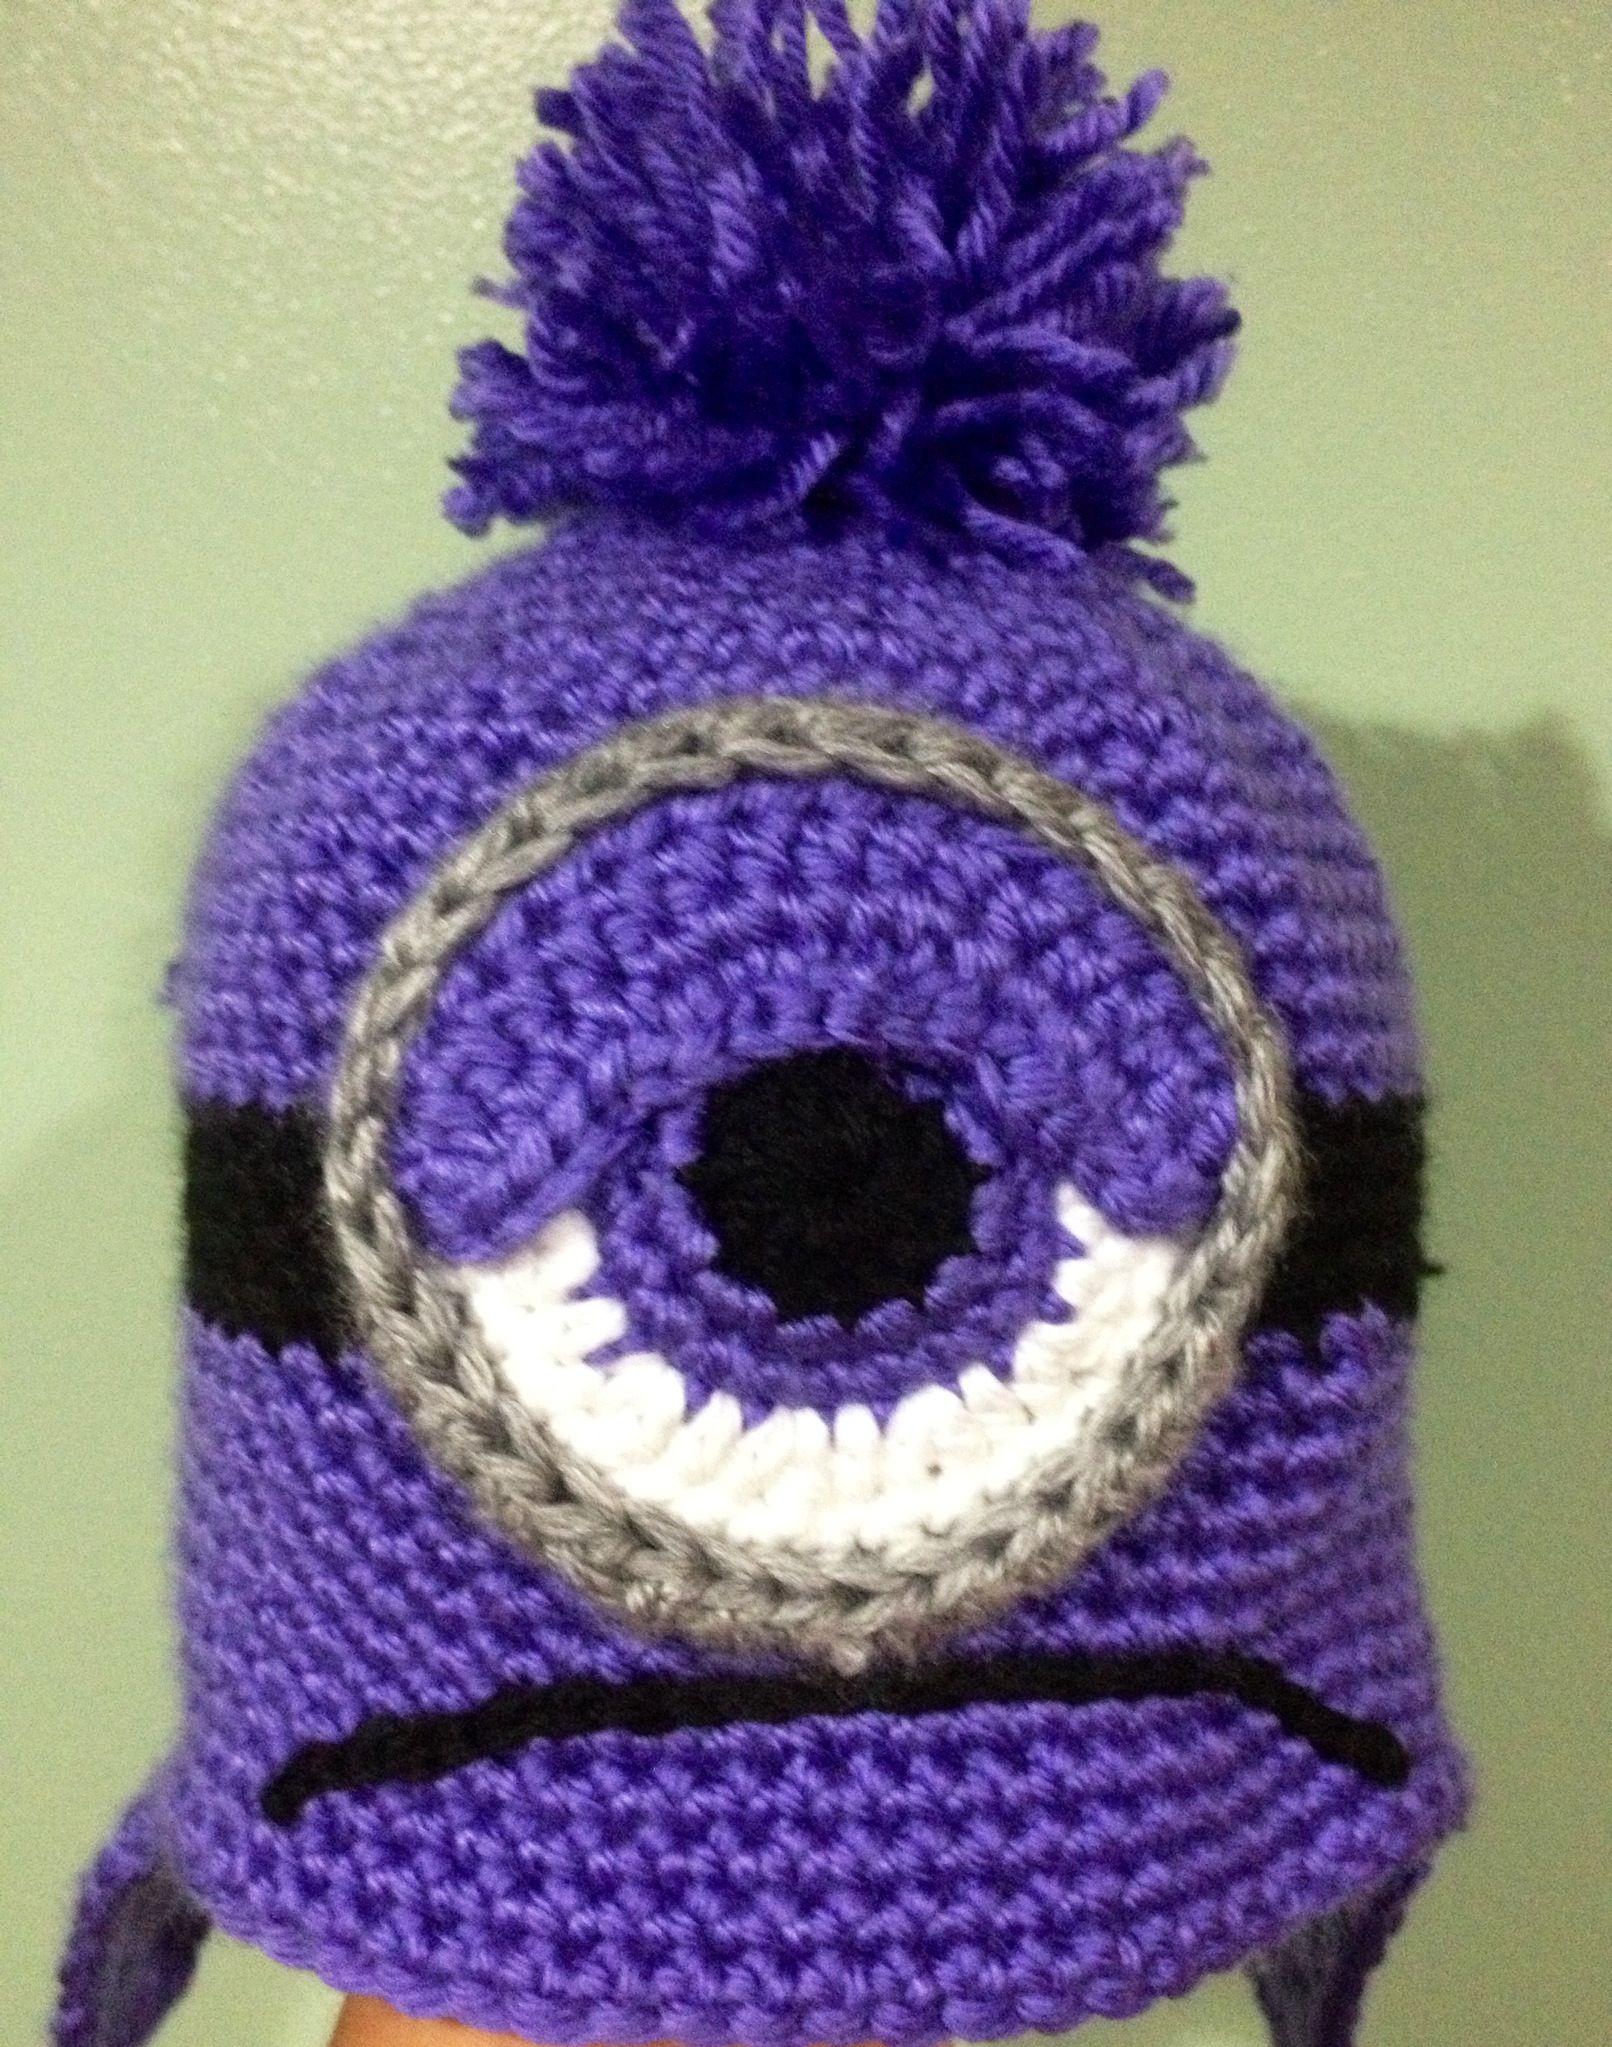 Despicable Me Evil Minion Crochet Patterns